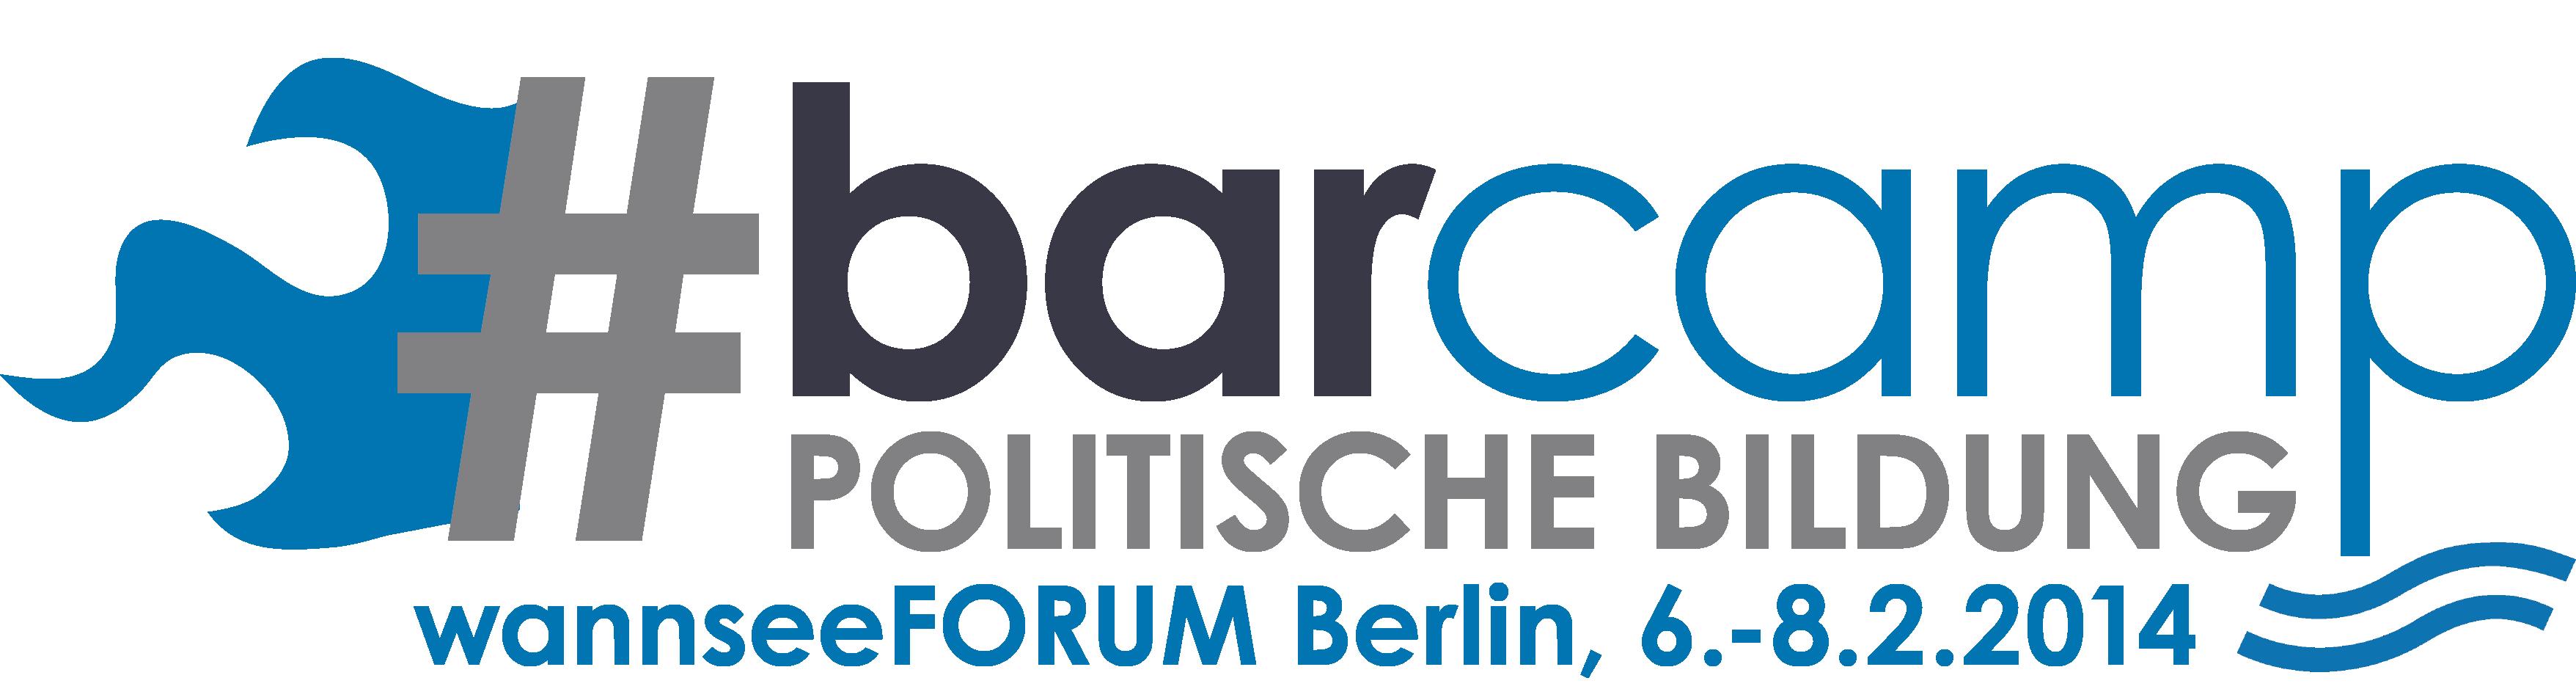 Barcamp politische Bildung 2014, bcpb.de